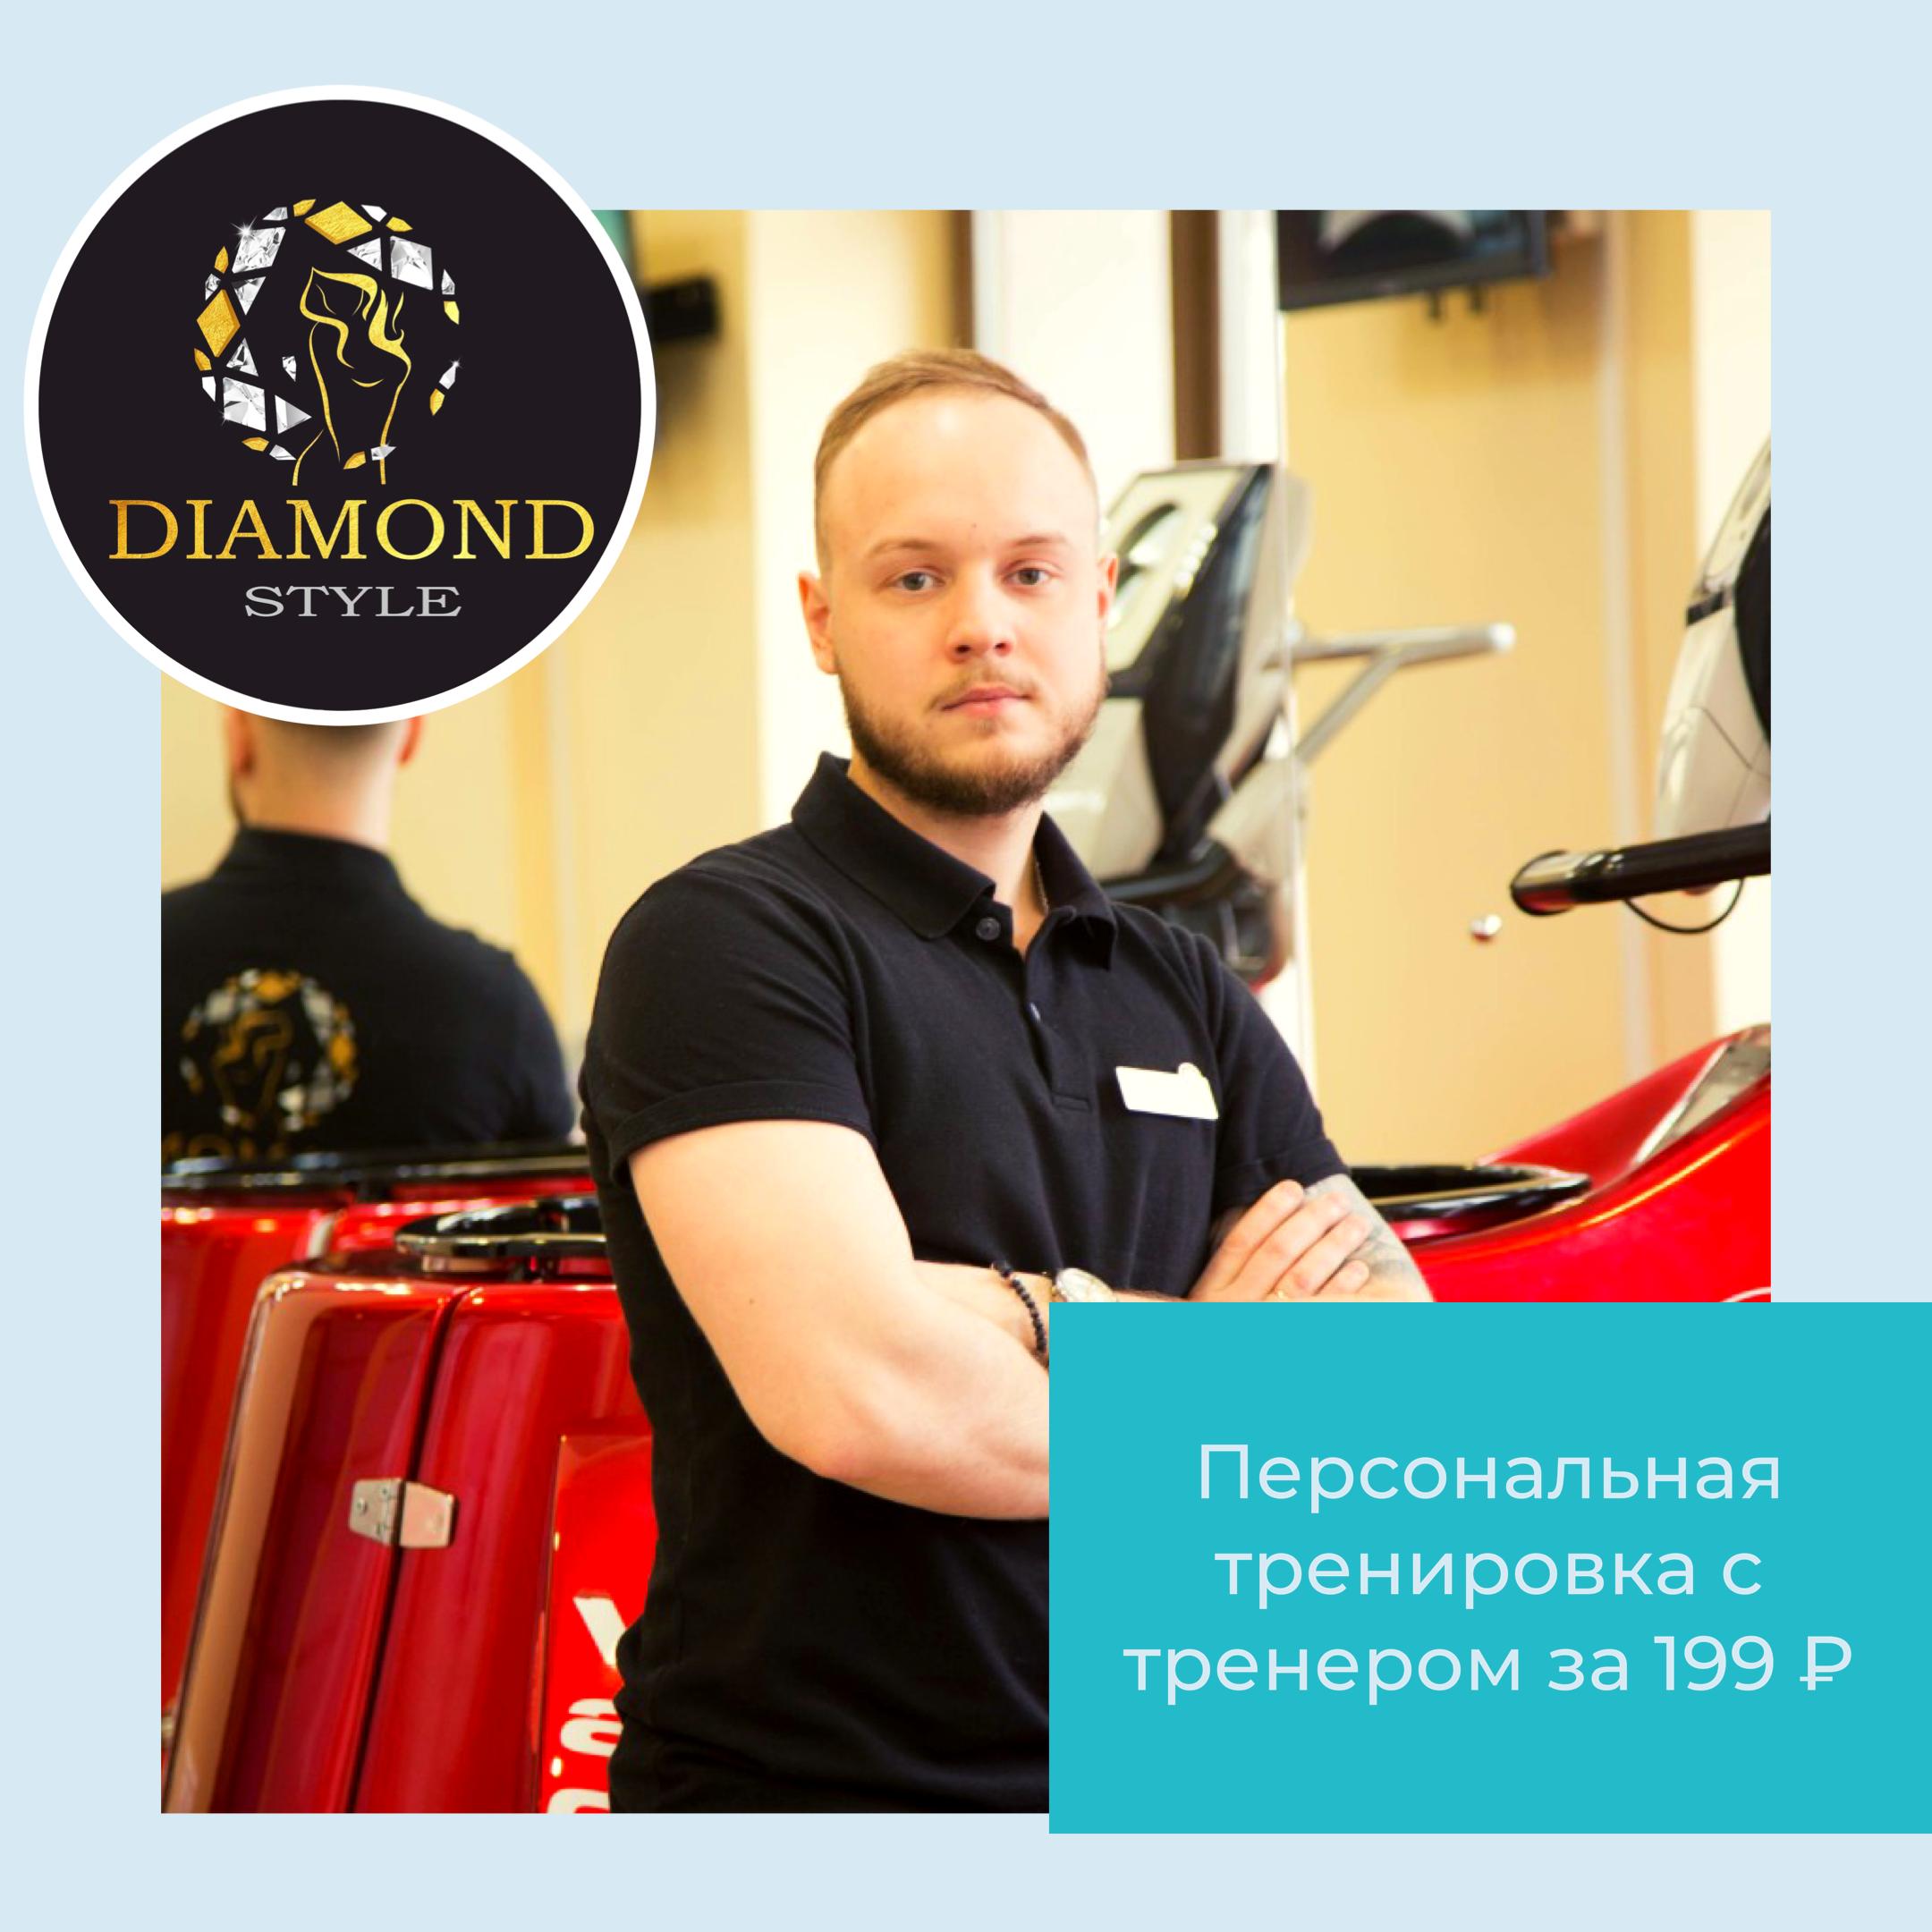 Read more about the article Индивидуальное занятие с тренером в wellness – студии «Diamond Style» всего за 199 рублей!